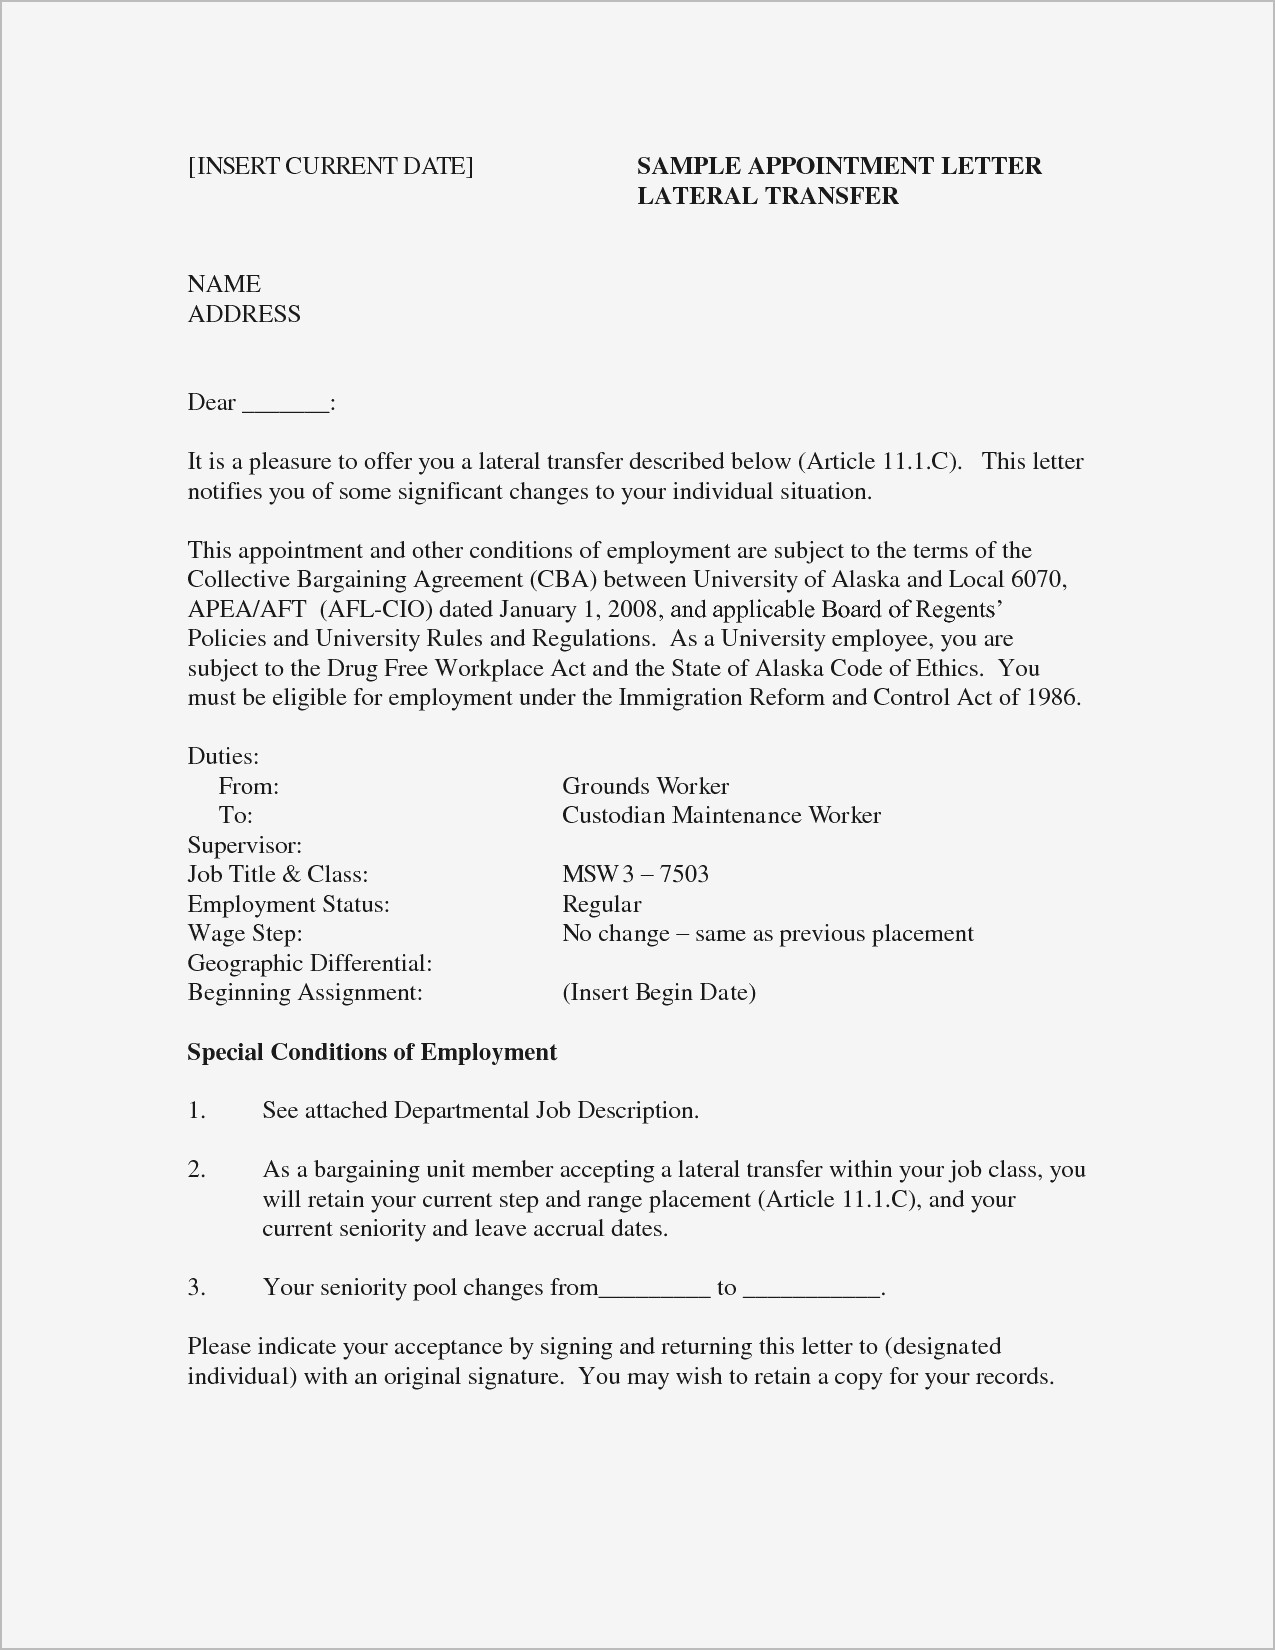 Formal Job Offer Letter Template - Sample Cover Letter for Job Fer Refrence Job Fer Letter Template